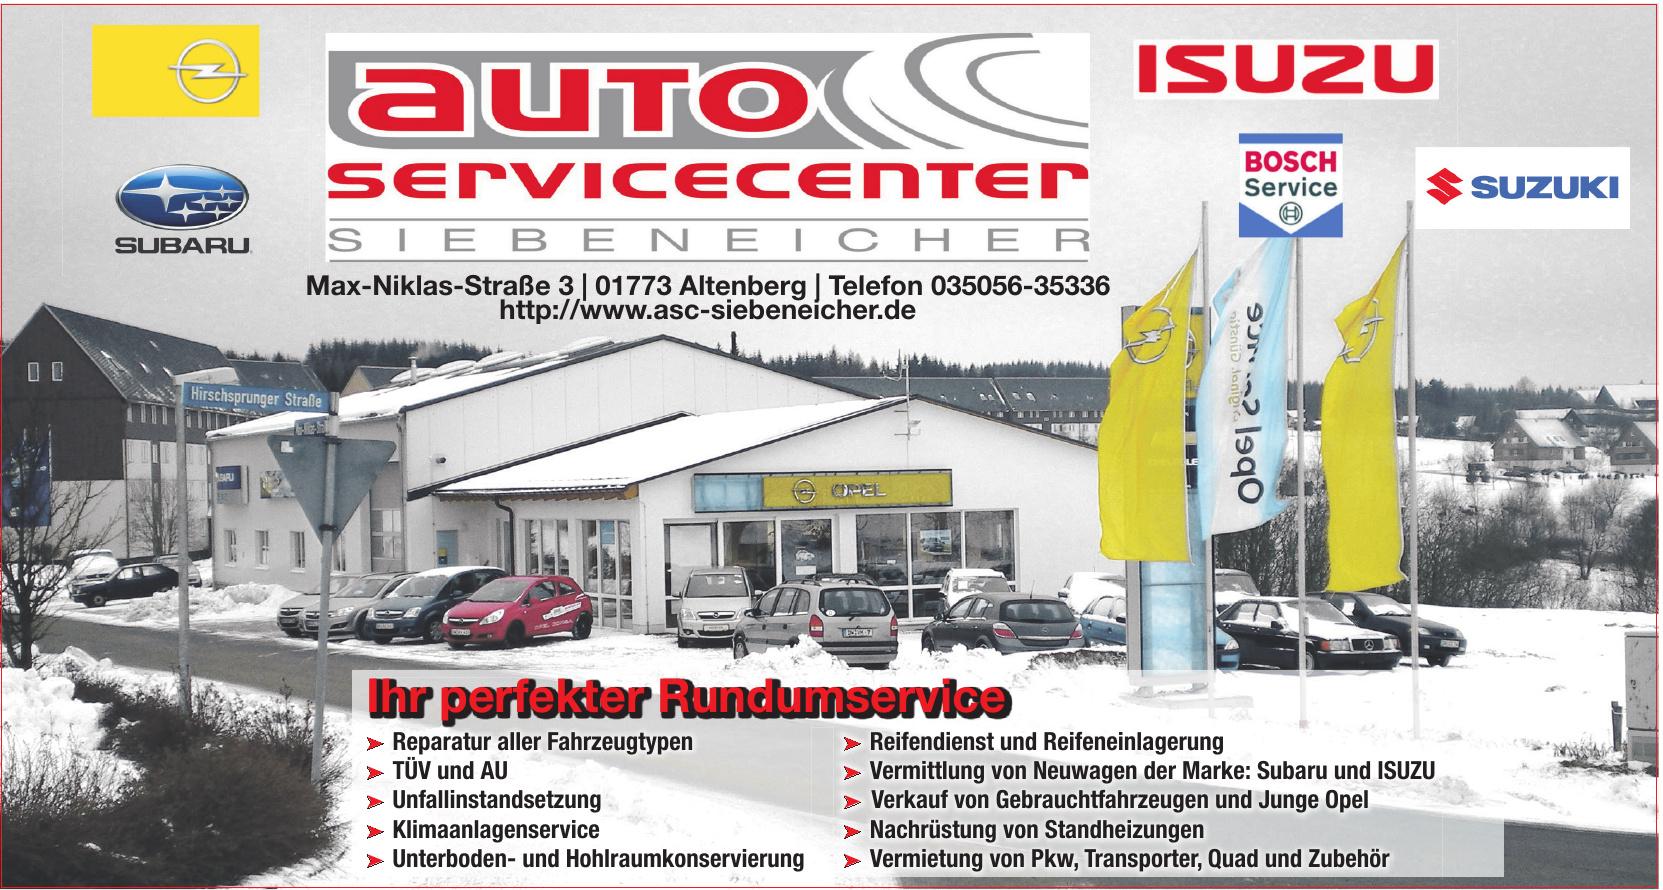 Auto Servicecenter Siebeneicher